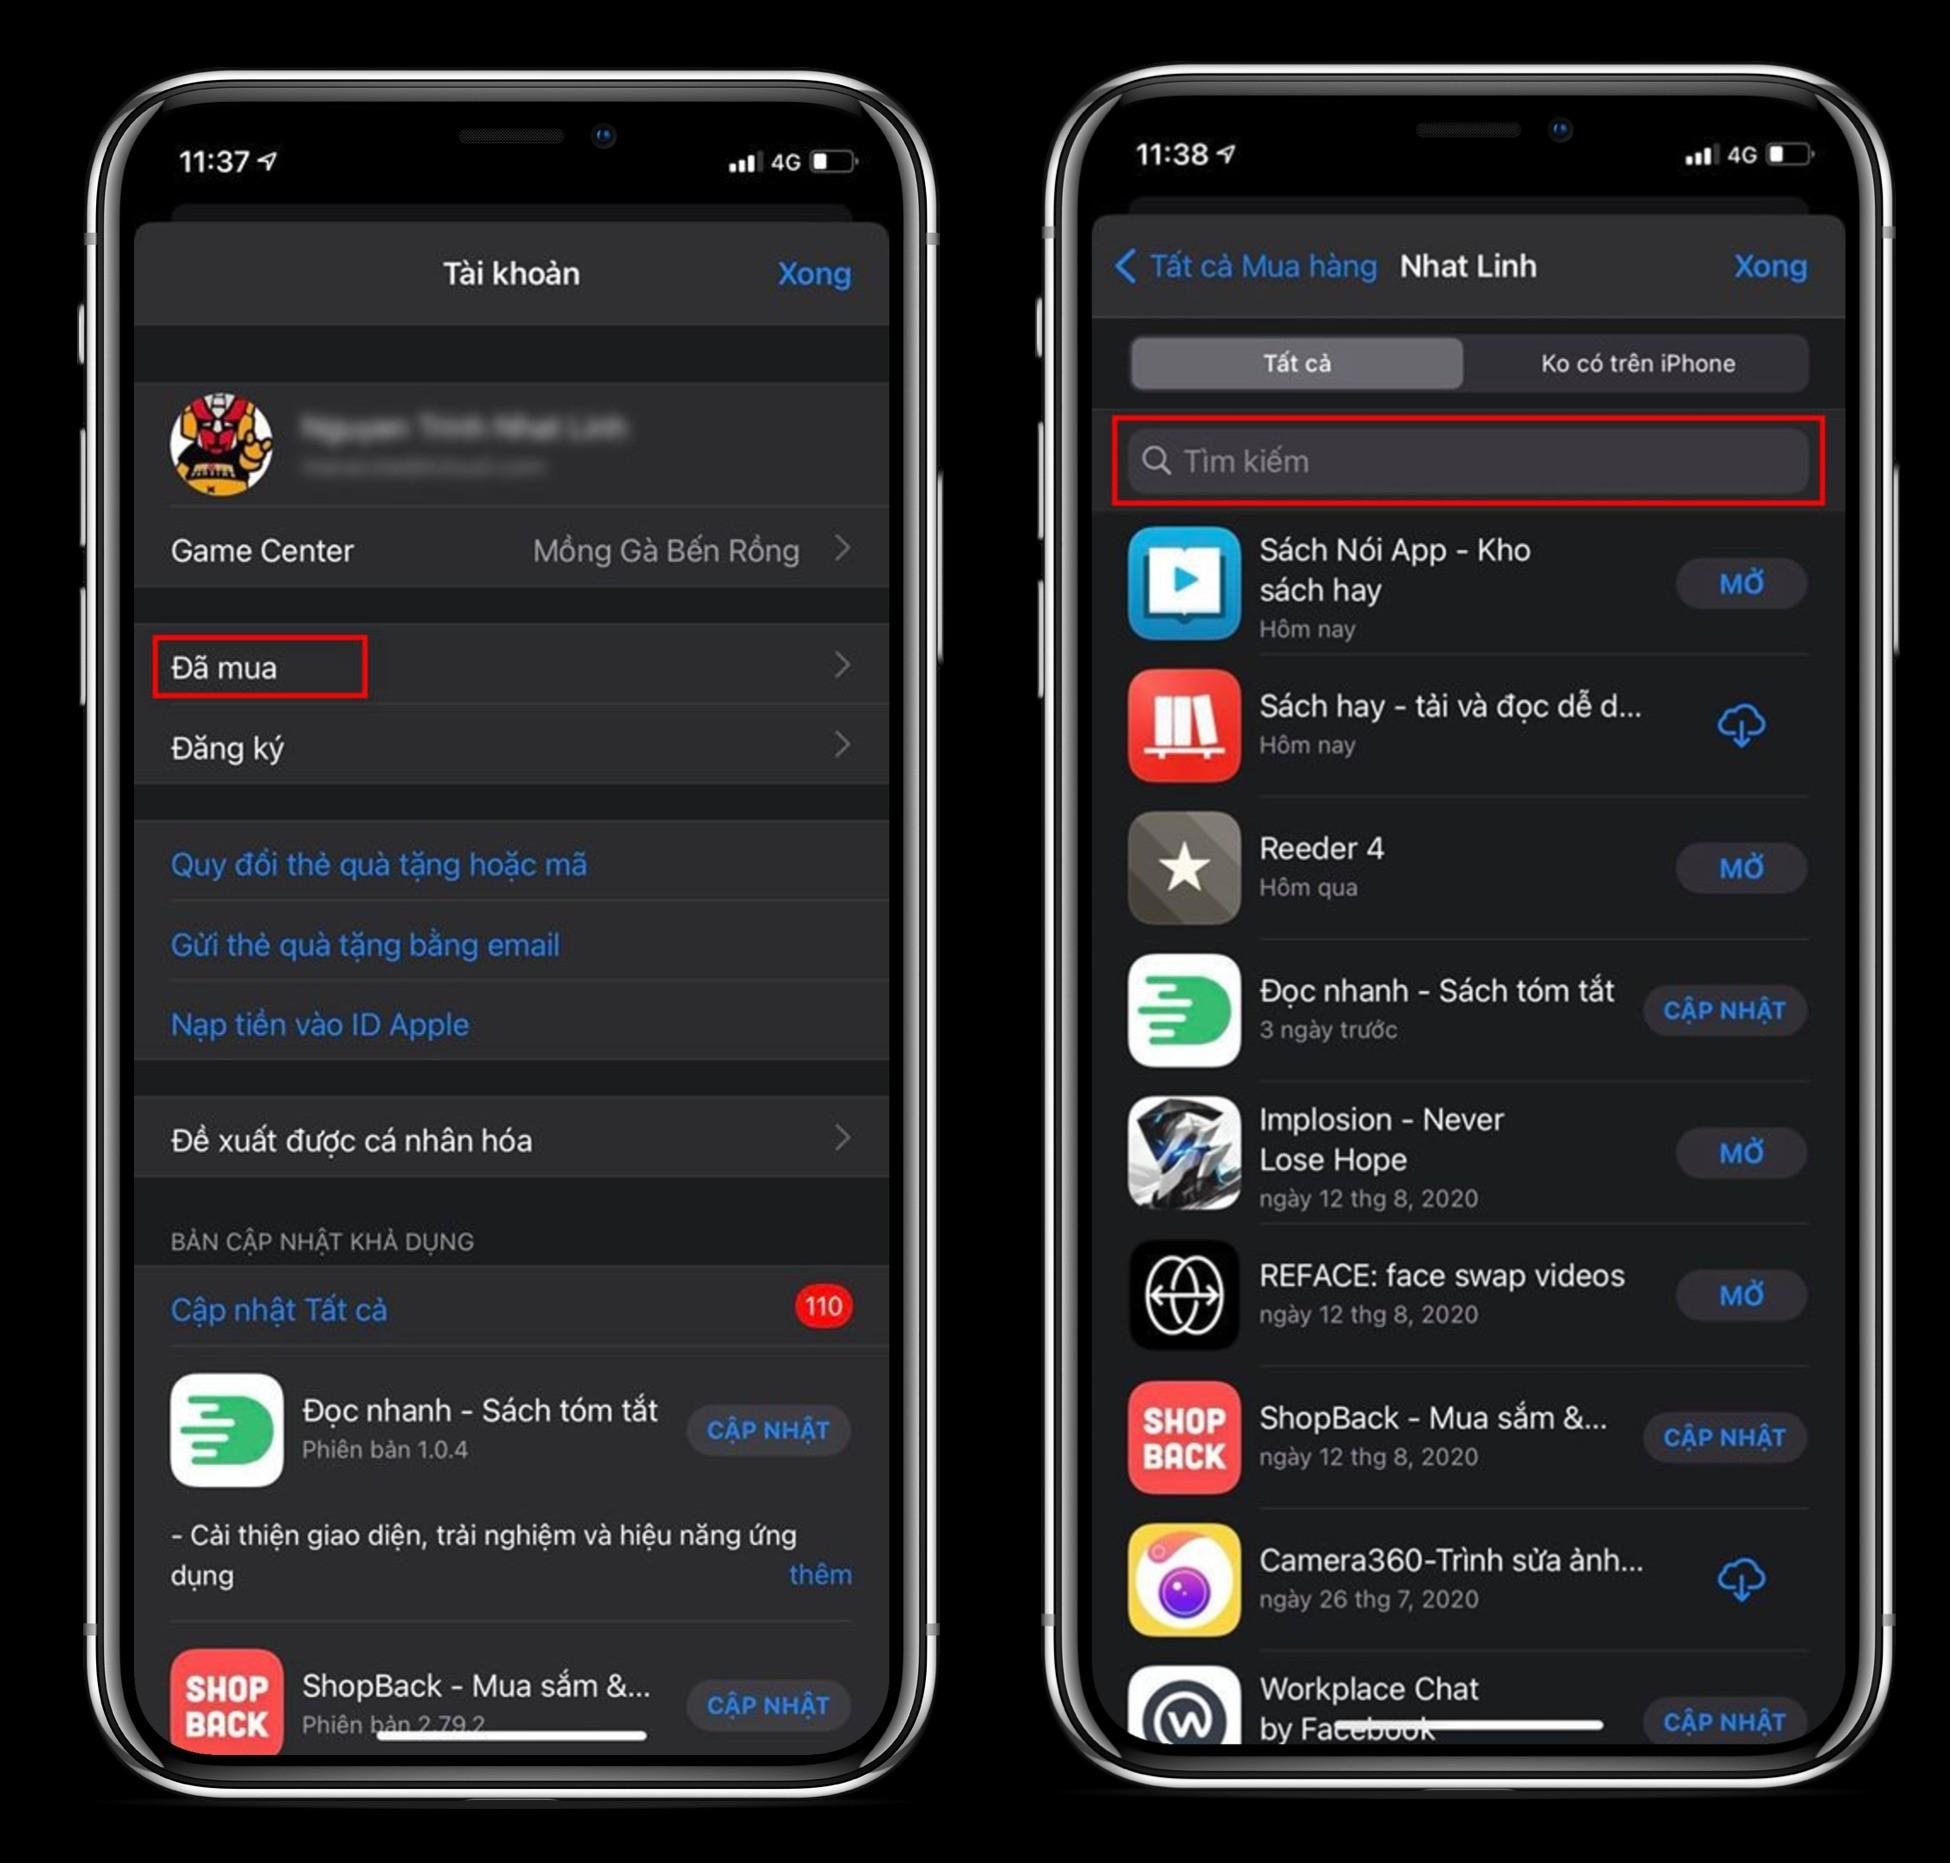 Tải lại ứng dụng hay game đã bị xóa khỏi App Store 1